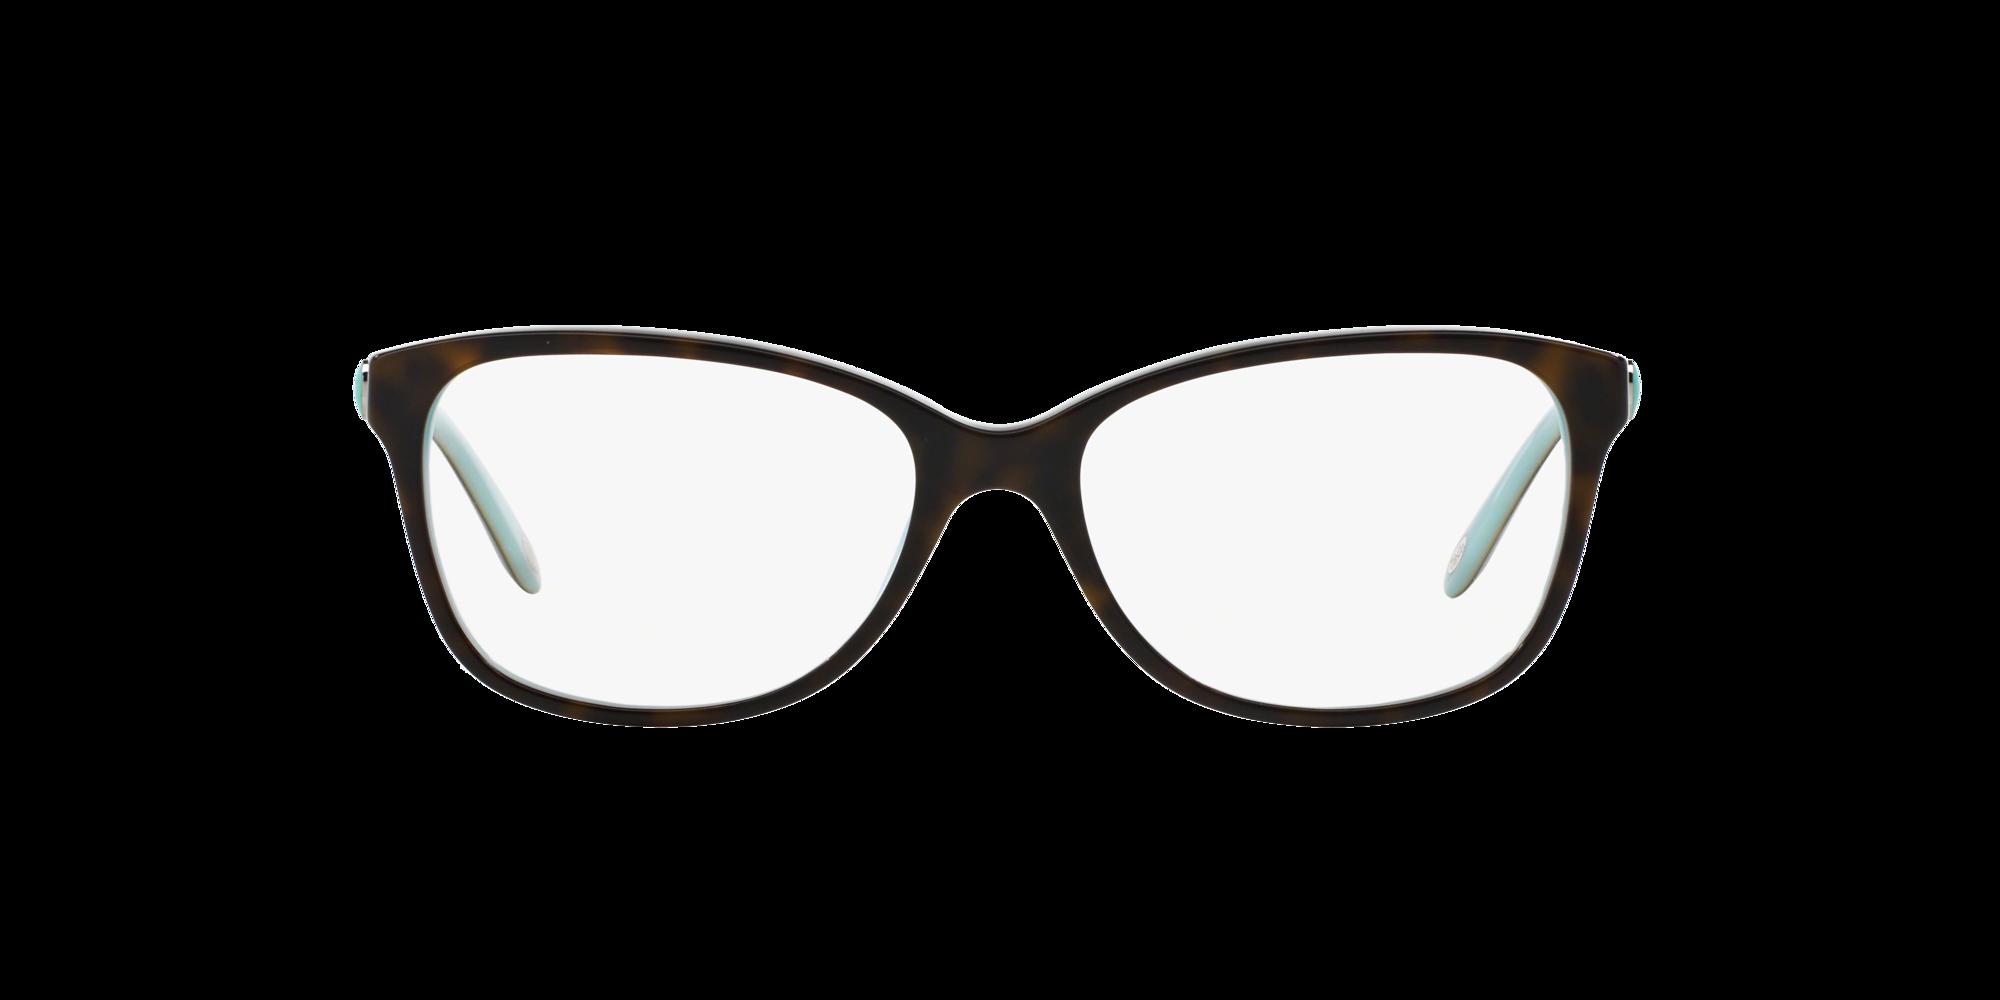 Imagen para TF2097 de LensCrafters    Espejuelos, espejuelos graduados en línea, gafas